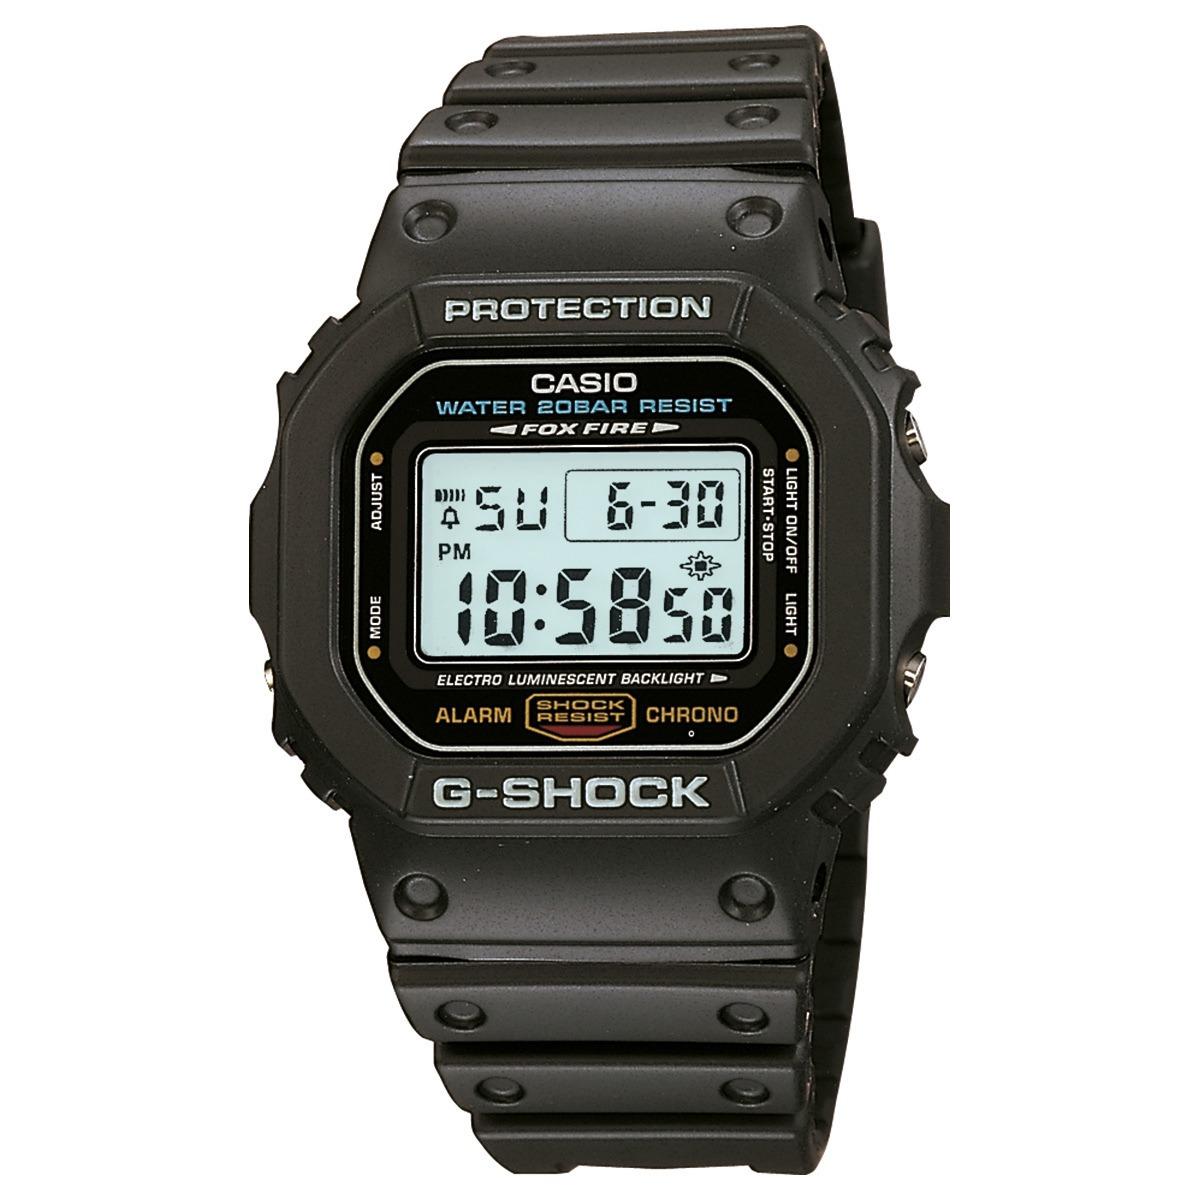 458fcb385d3 Relogio Digital G-shock Dw5600 Dw-5600e-1vdf Original - R  329